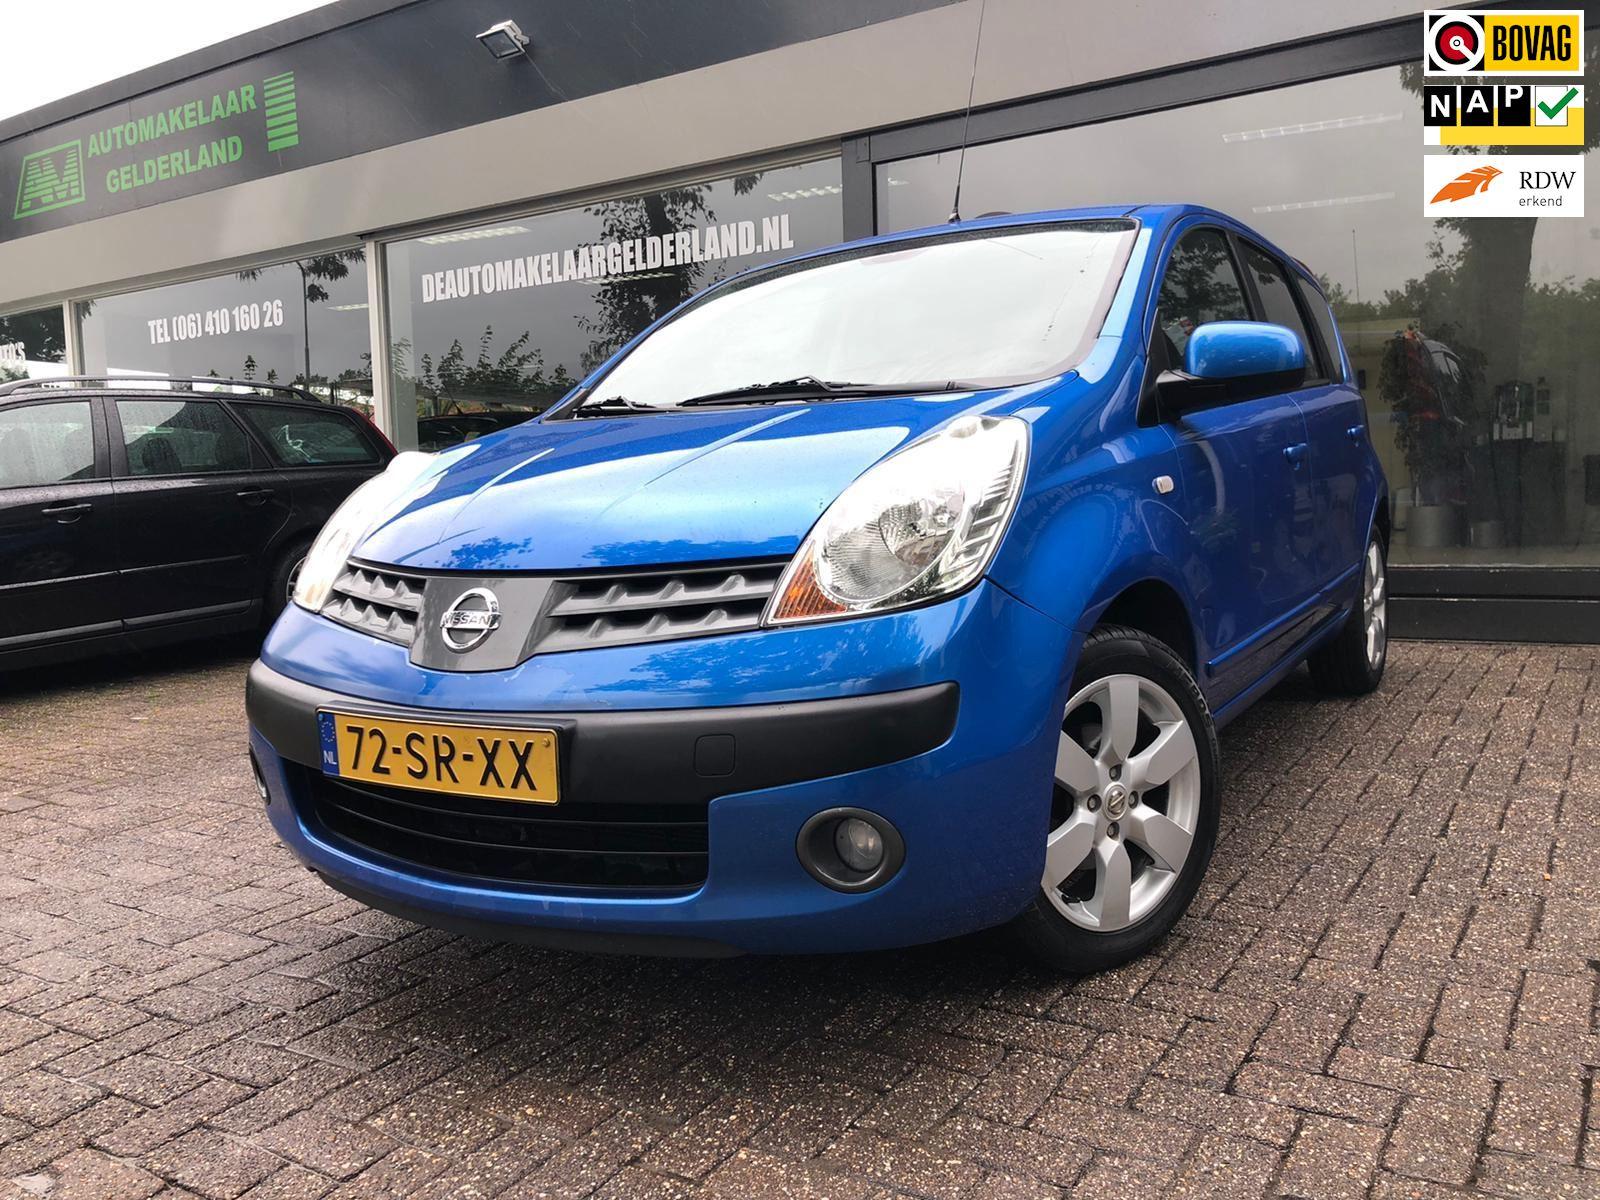 Nissan Note occasion - De Automakelaar Gelderland